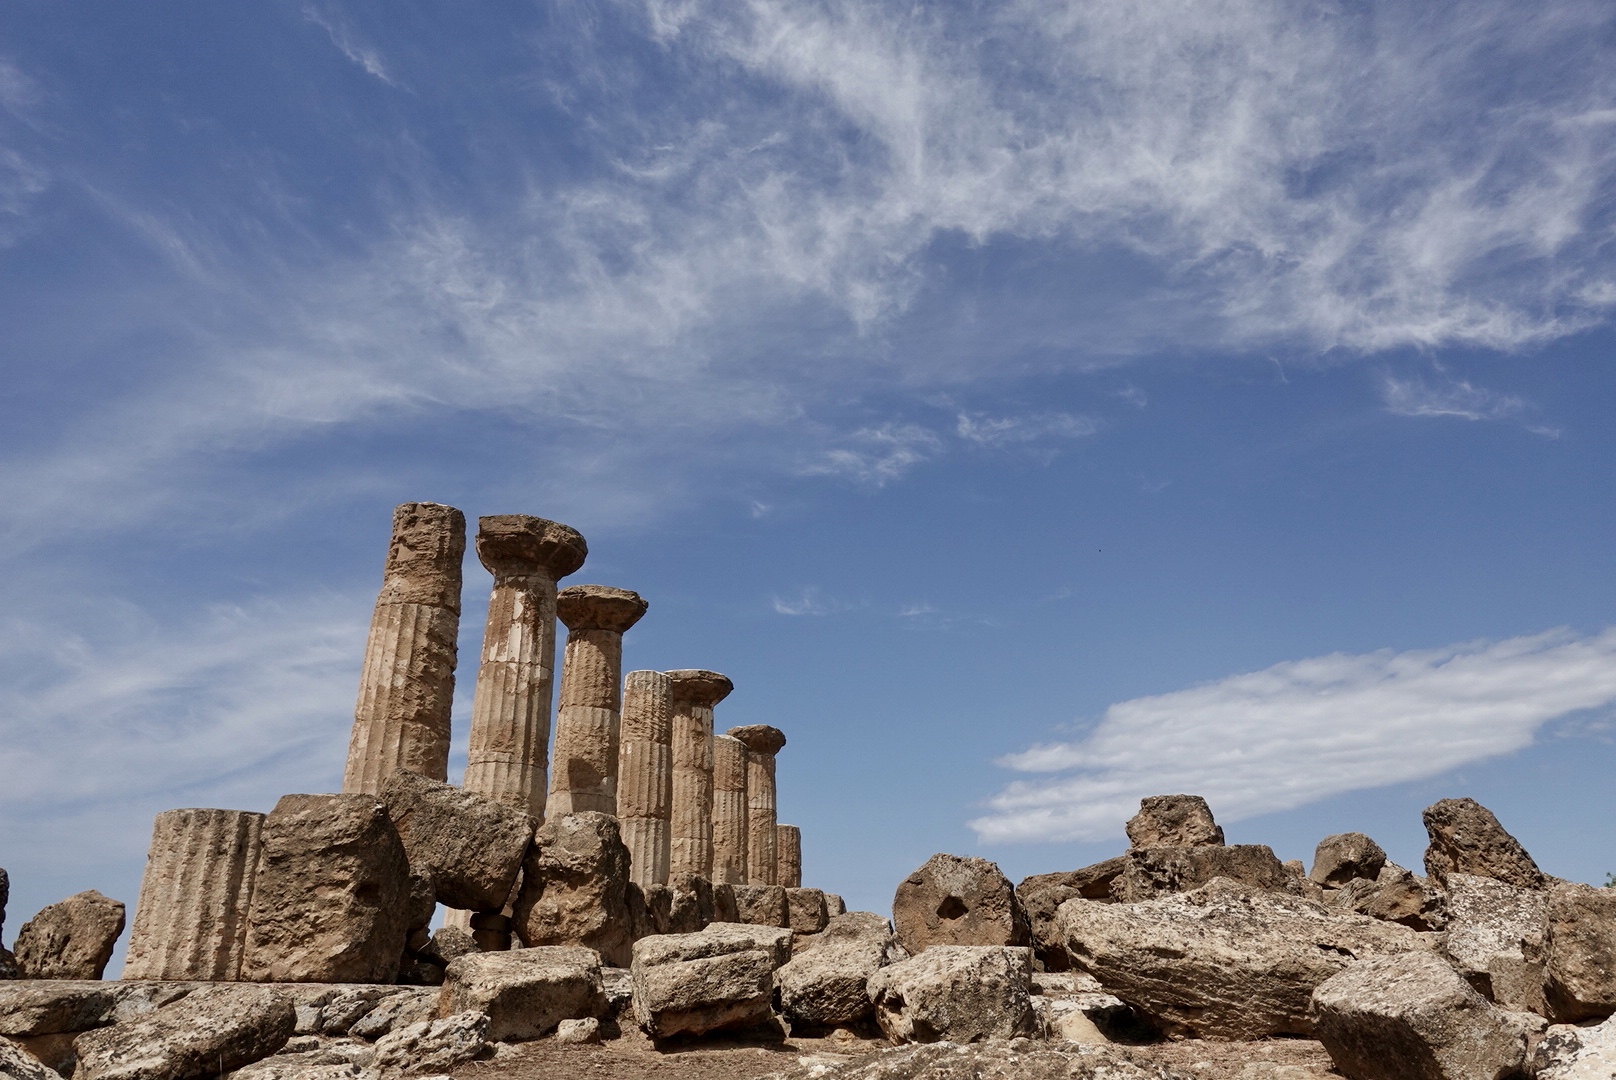 Herculestempel, Agrigento